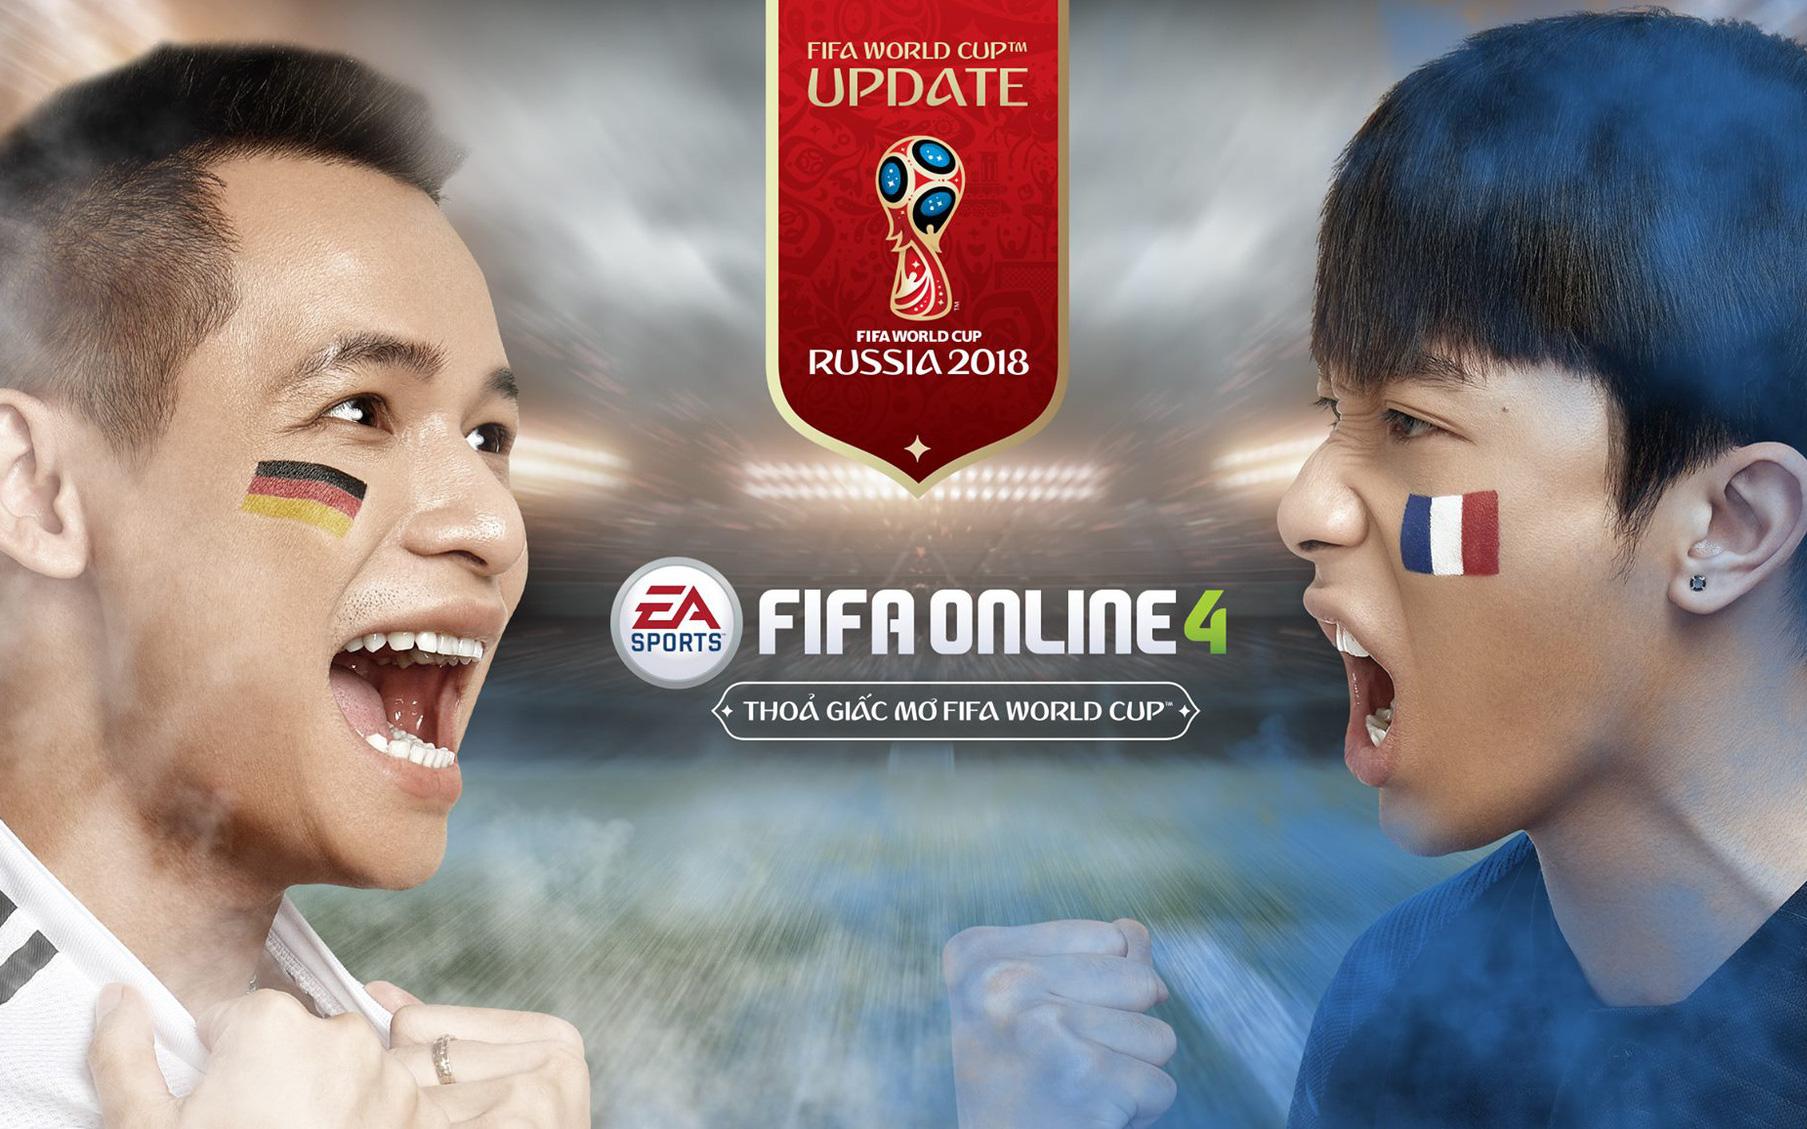 """Soi đội hình """"tiền tỷ"""" của Độ Mixi, Cris Phan, Vinh Râu FAPTV và tuyển thủ Đình Trọng trong FIFA Online 4"""